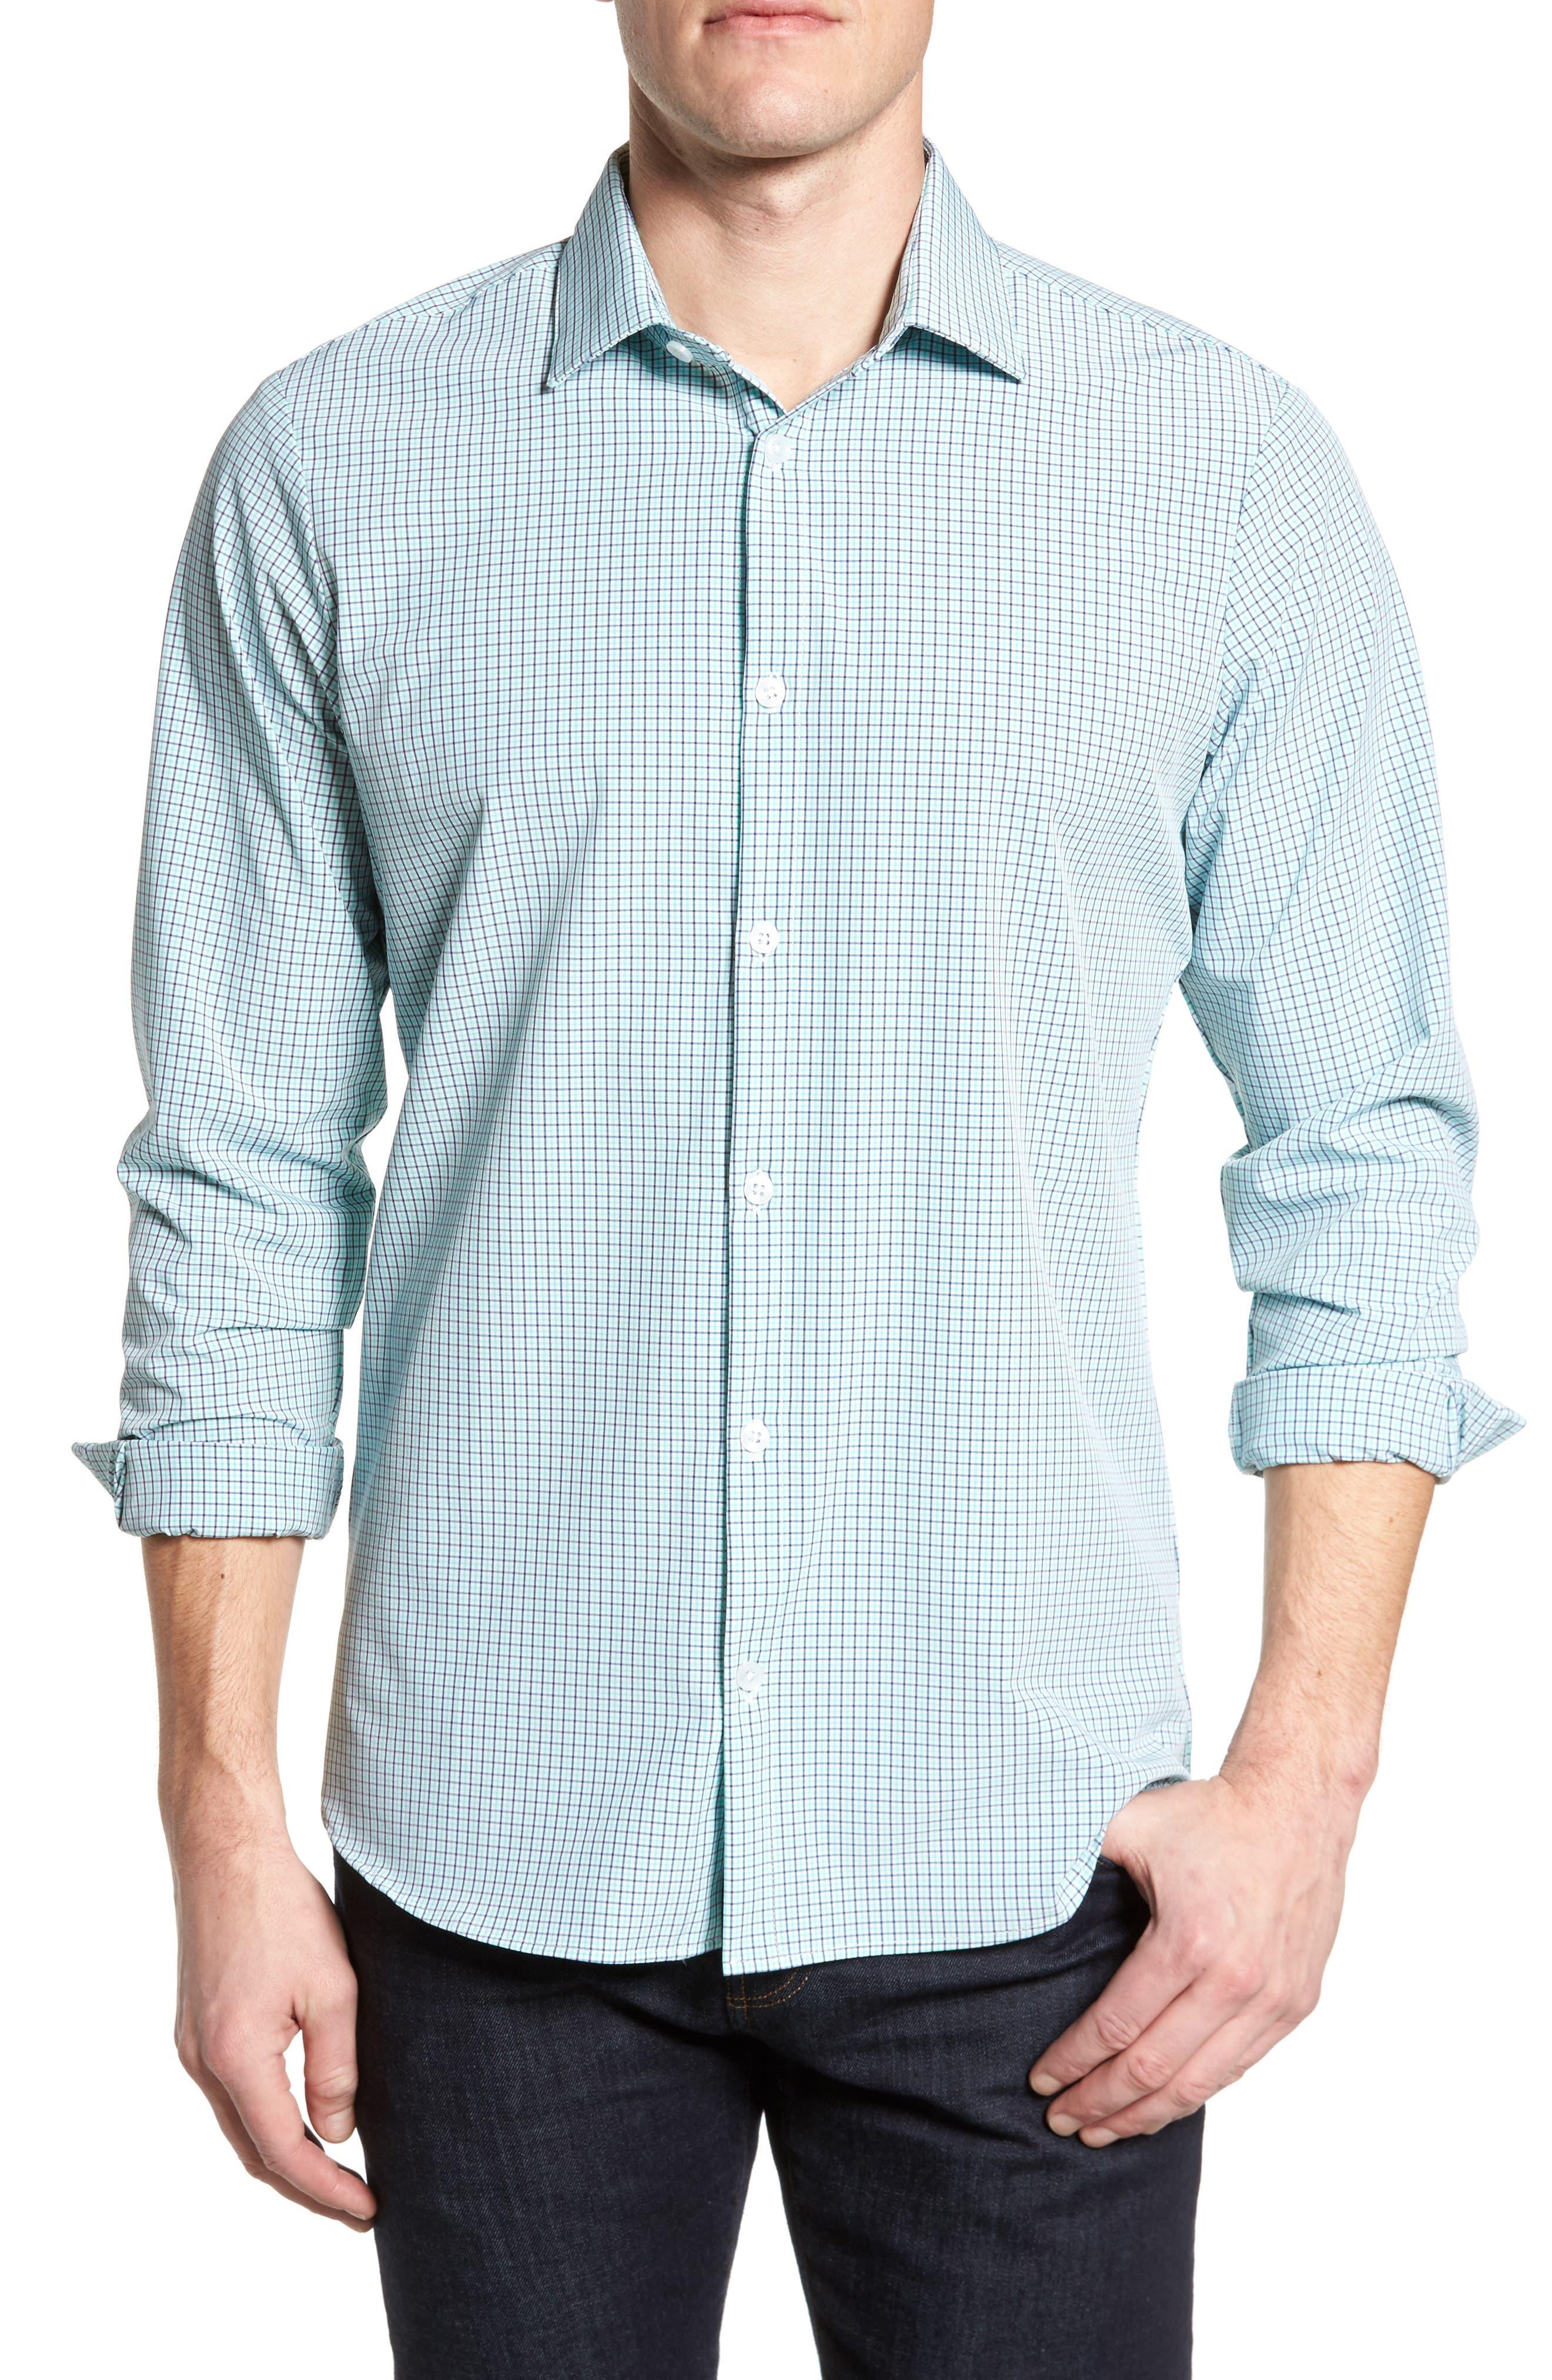 Ventura Check Sport Shirt,                             Main thumbnail 1, color,                             377